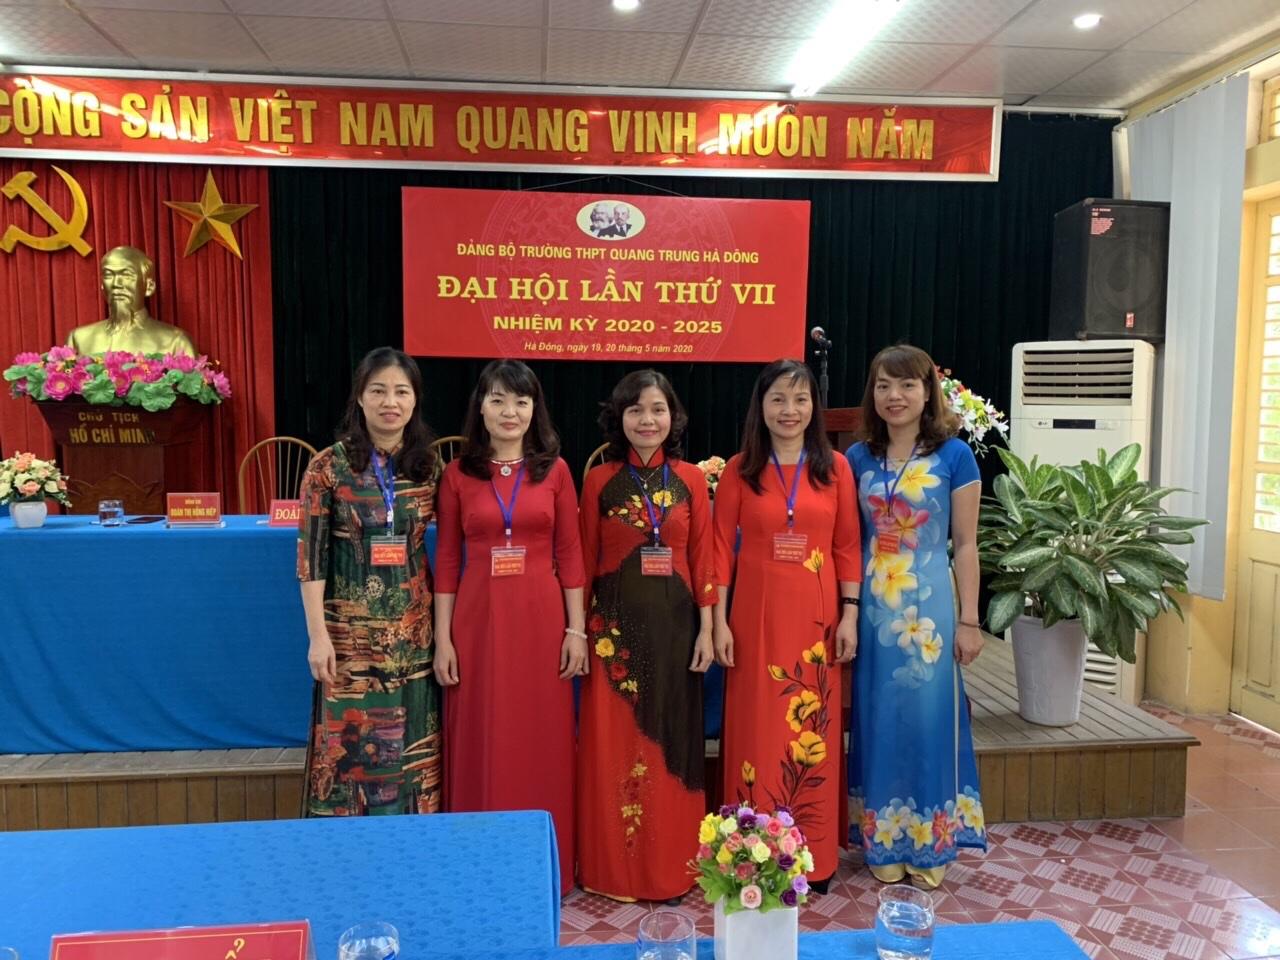 Đảng bộ trường THPT Quang Trung Hà Đông